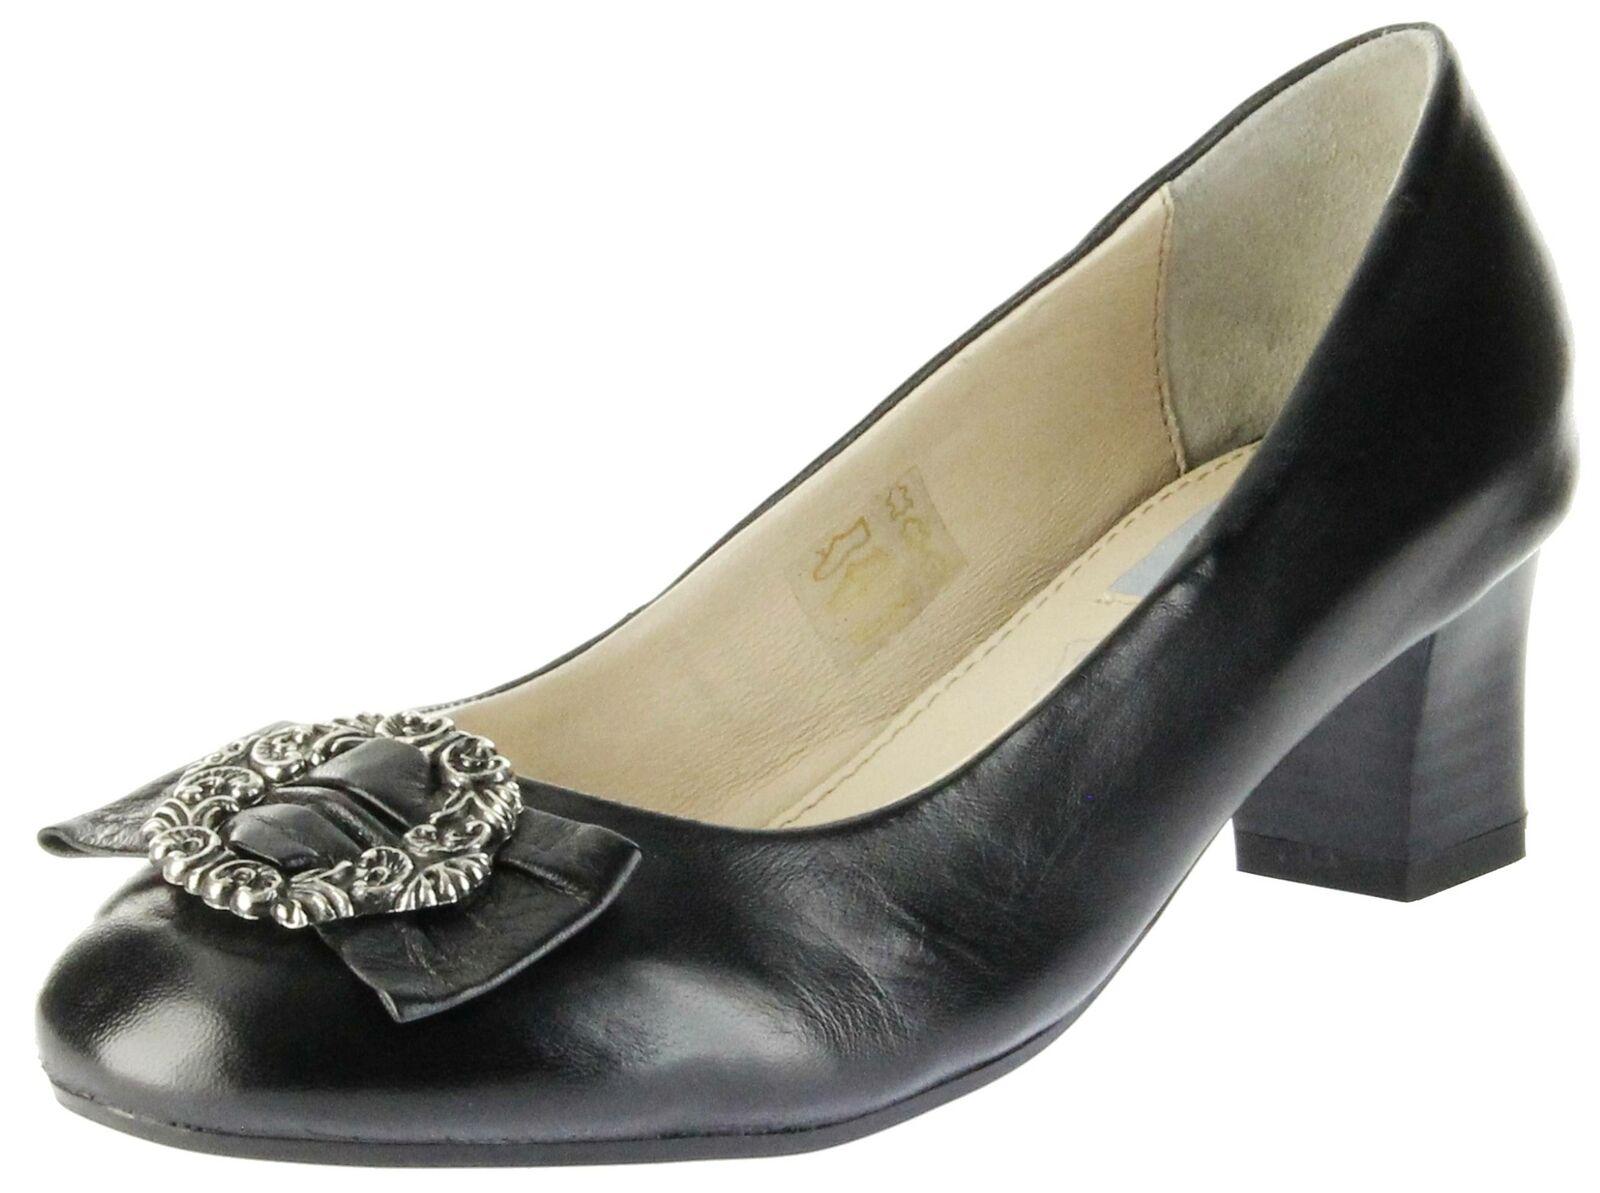 Bergheimer Trachtenschuhe Trachten Pumps schwarz Glattleder Damen Schuhe Luise